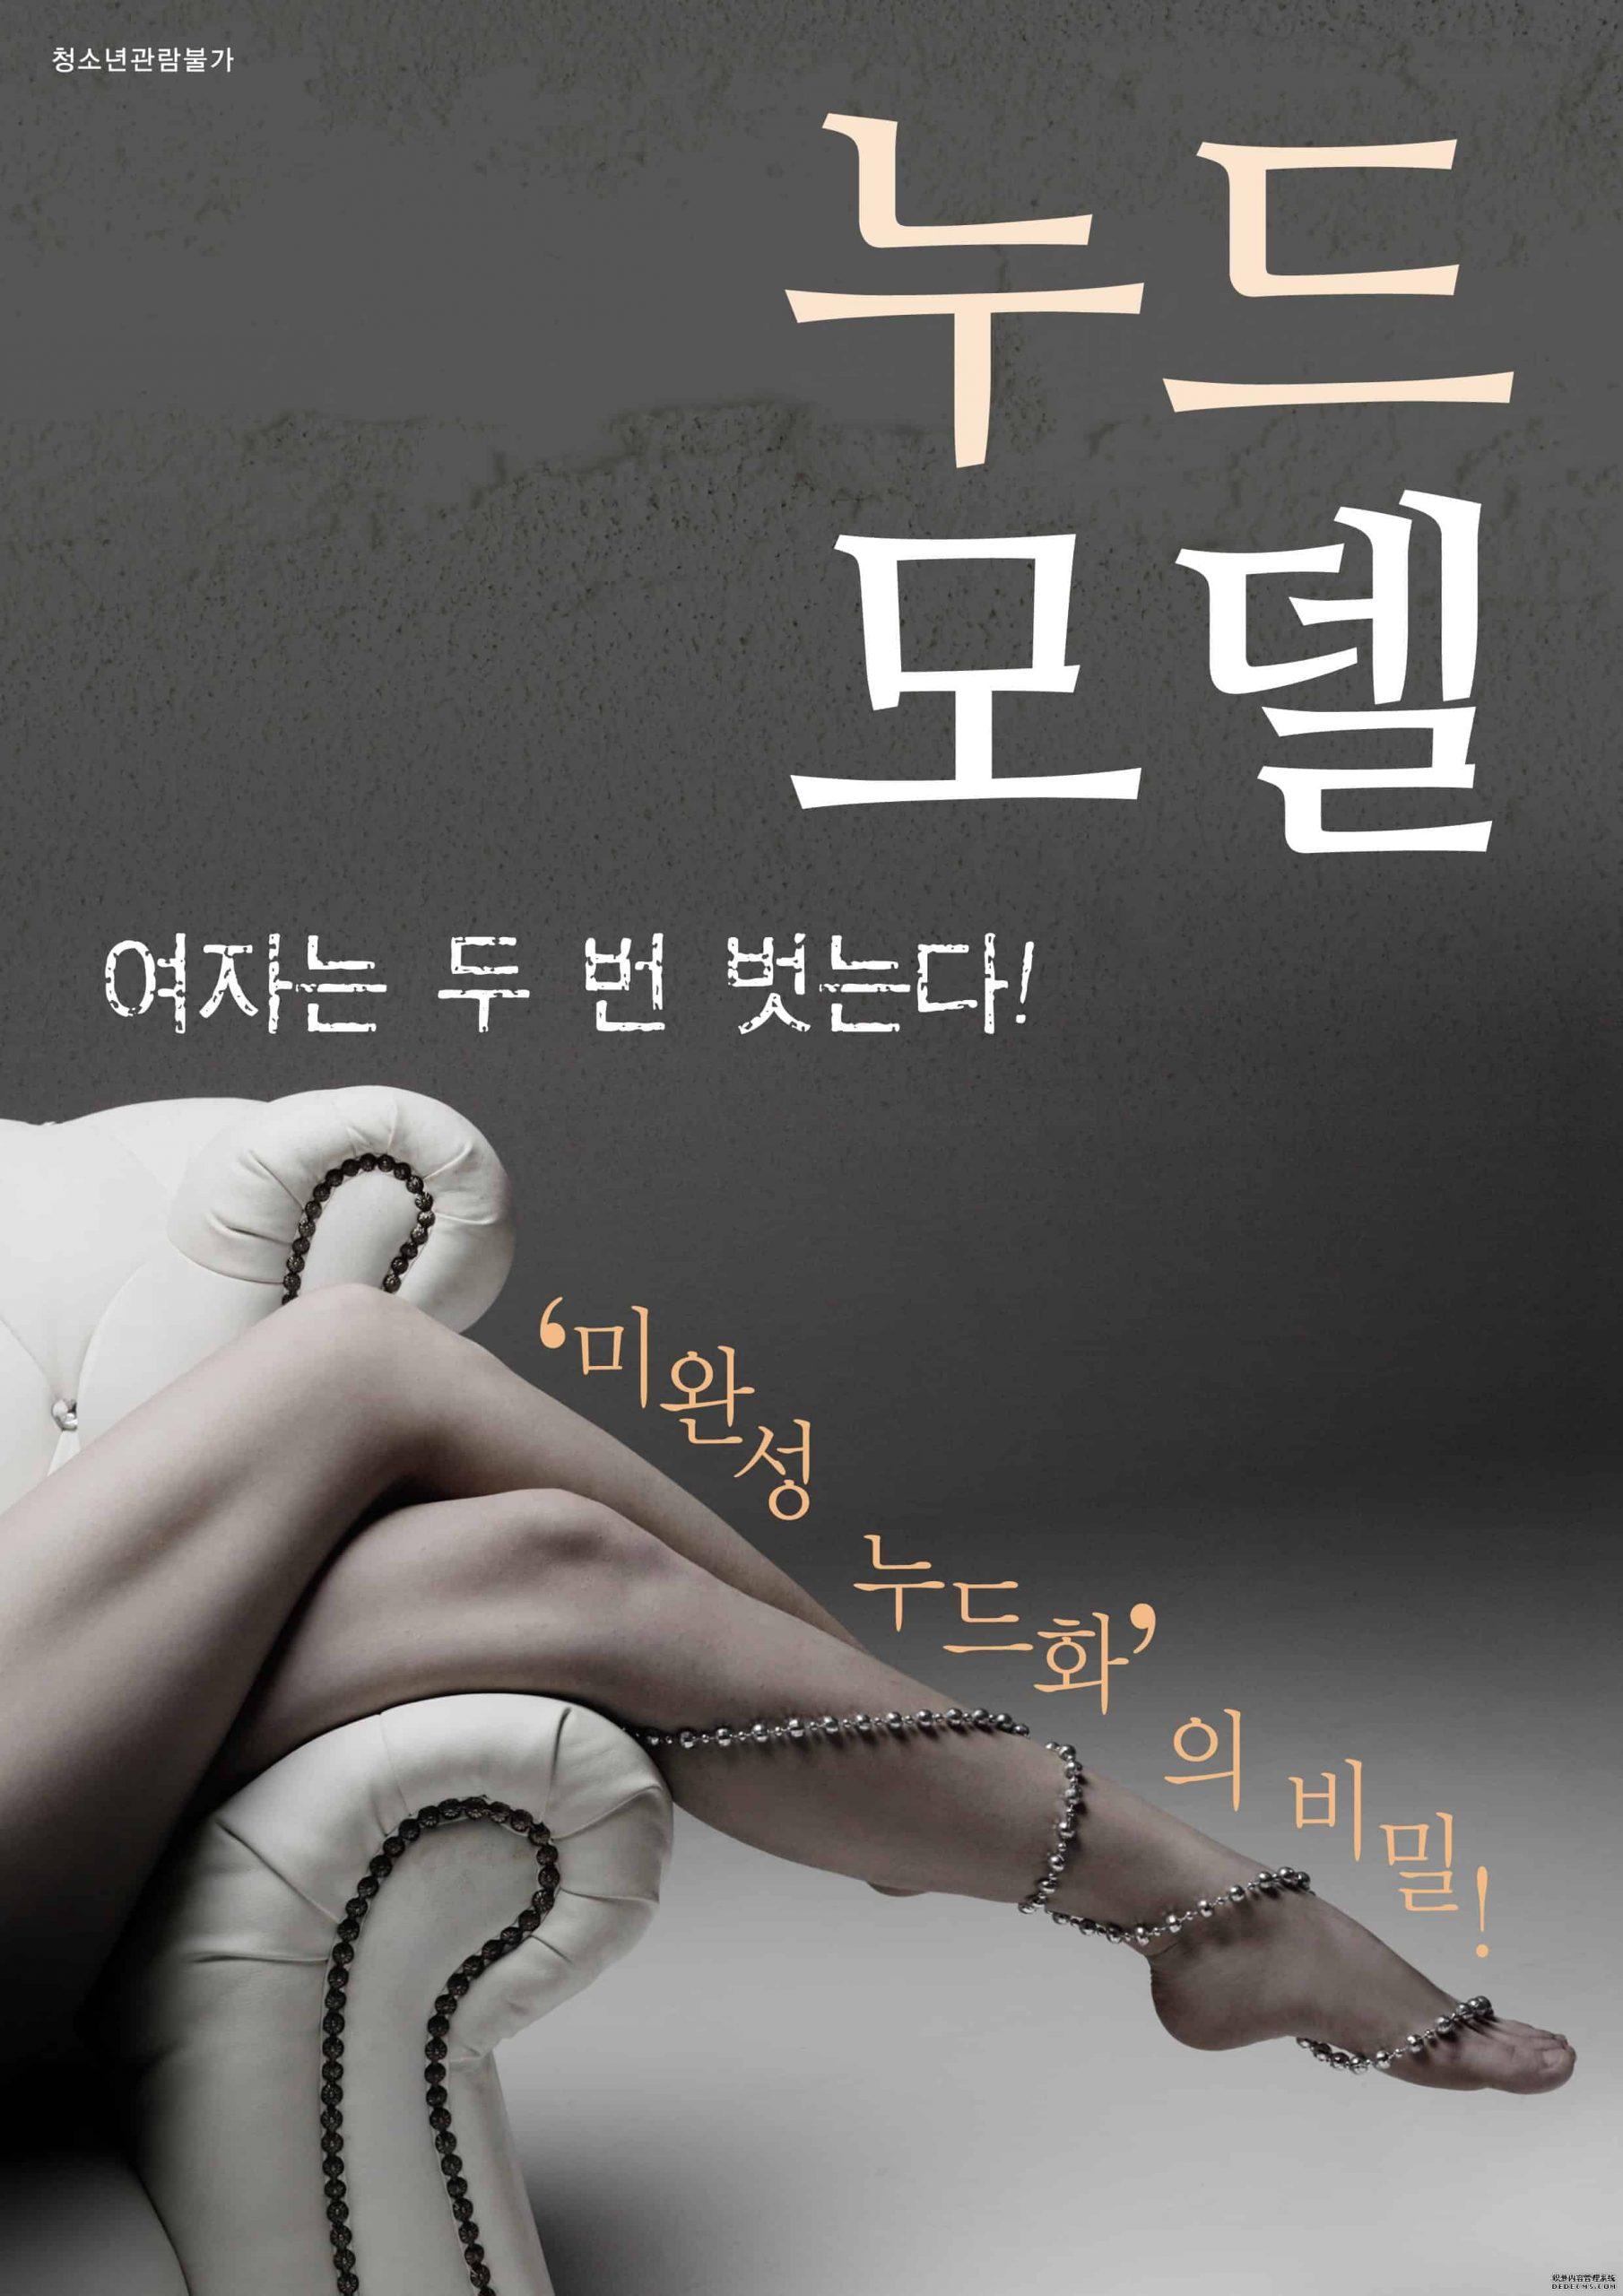 ดูหนังโป๊ออนไลน์ฟรี Nude Model เกาหลี